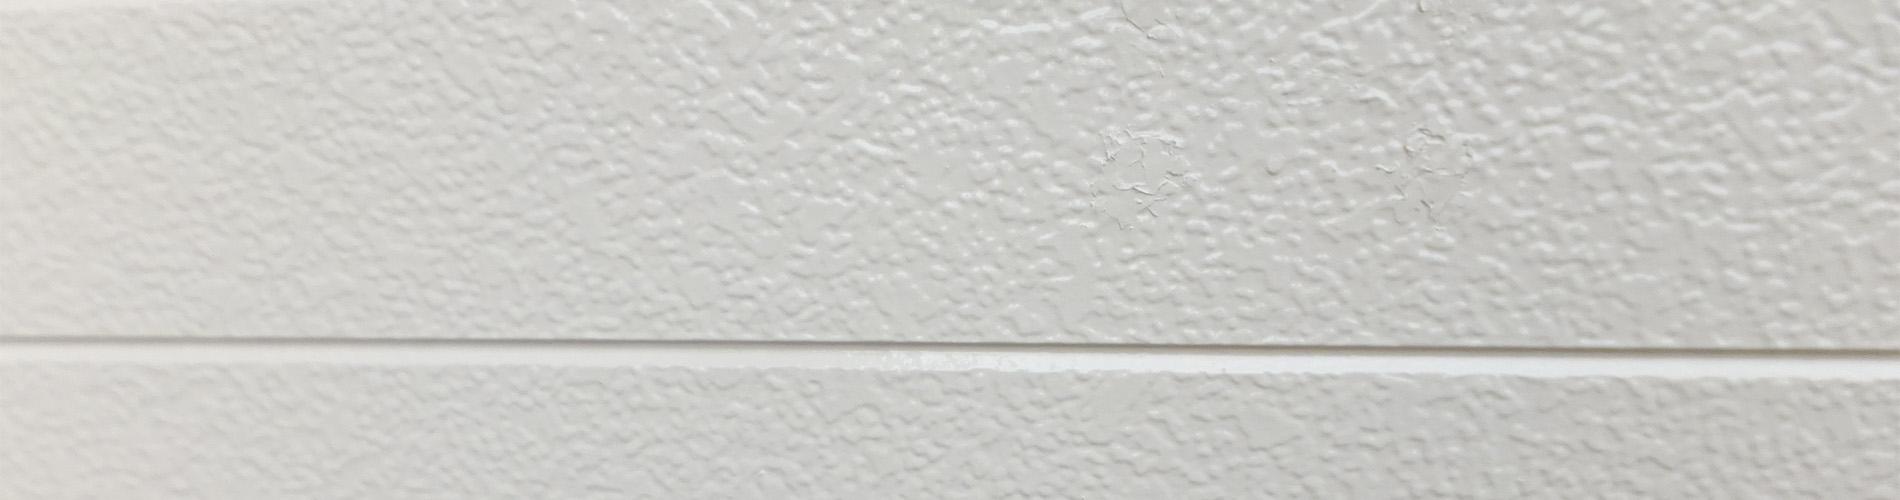 屋根・壁の塗装も創業100余年香取市の加藤瓦店